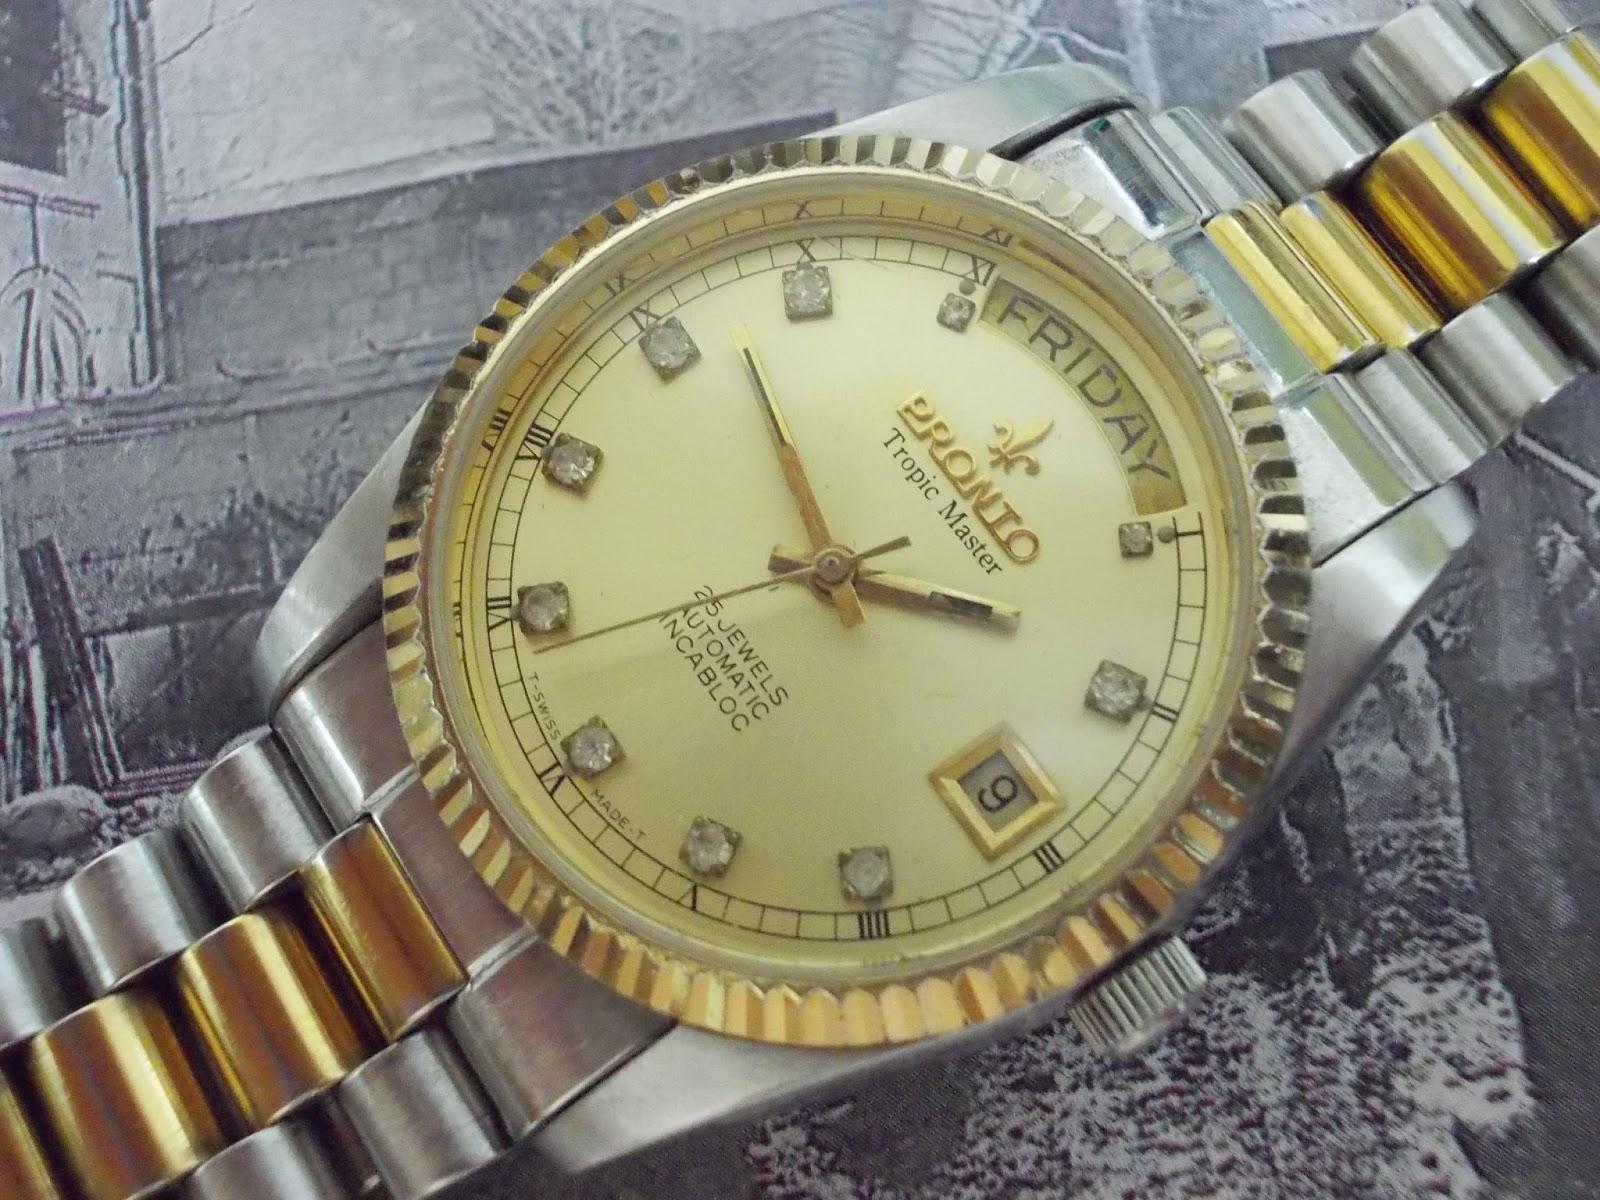 Relojes Glashtte Original - Precios de todos los relojes